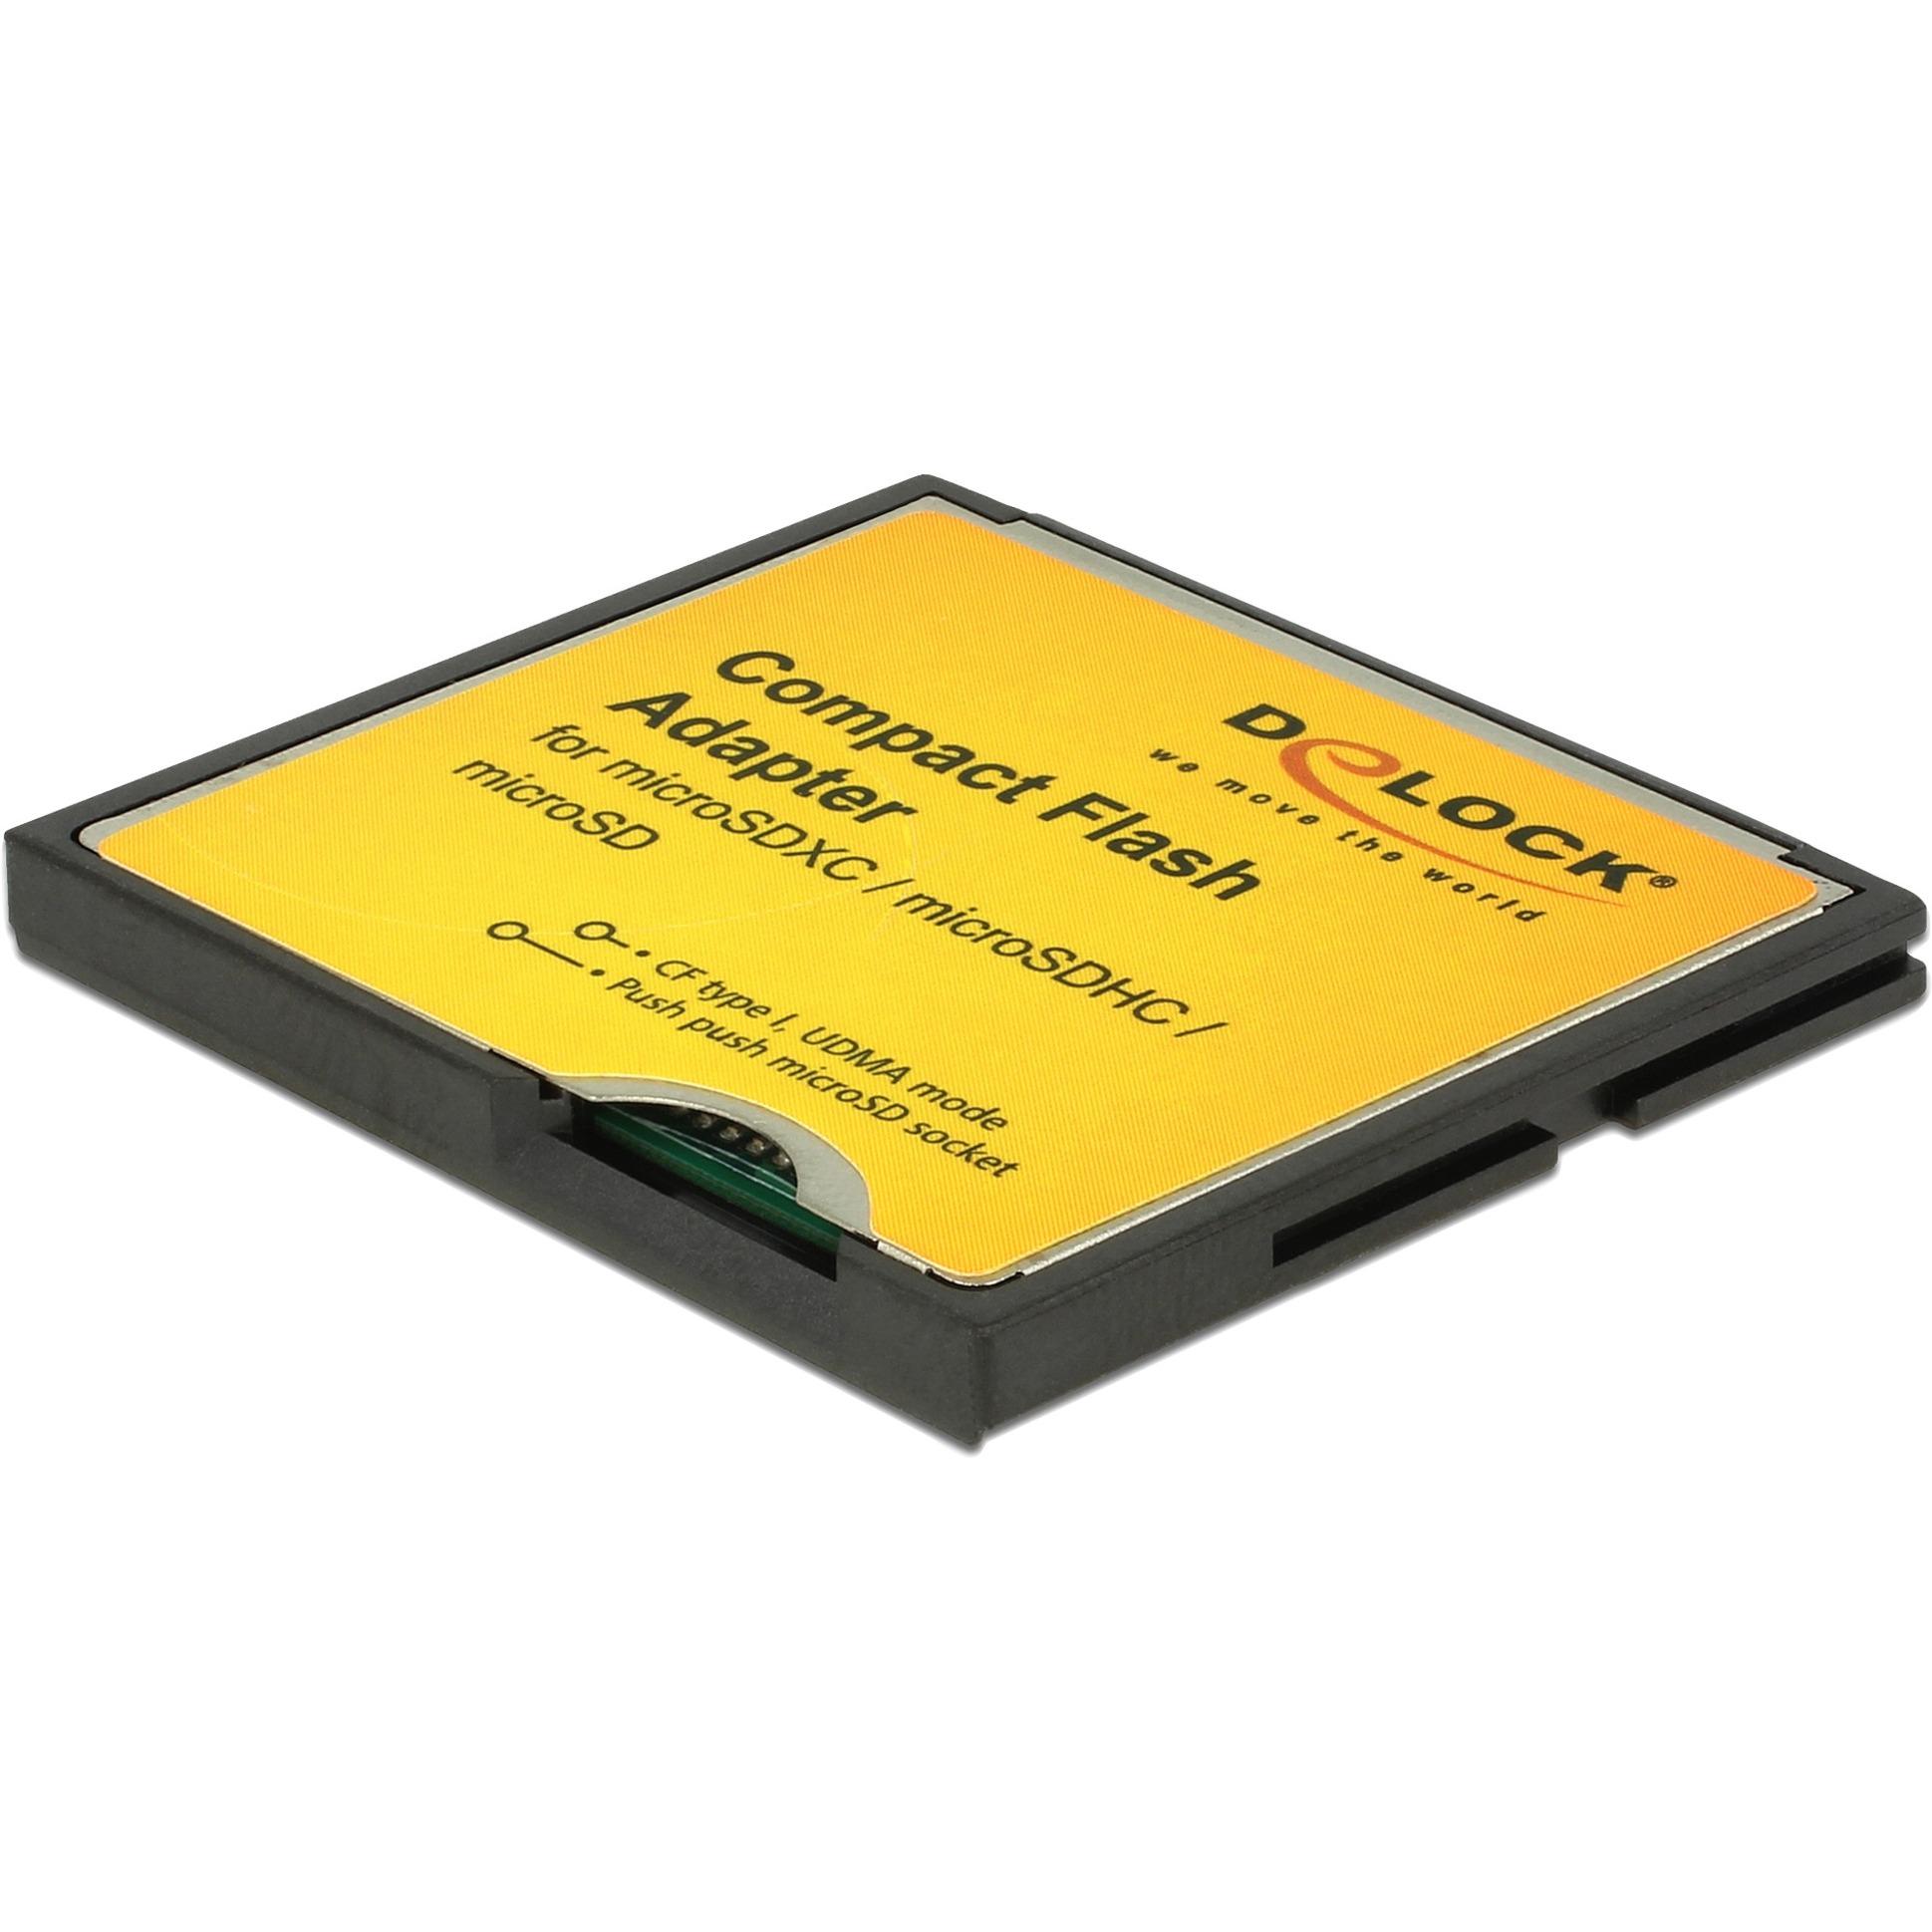 61795 tarjeta y adaptador de interfaz, Lector de tarjetas